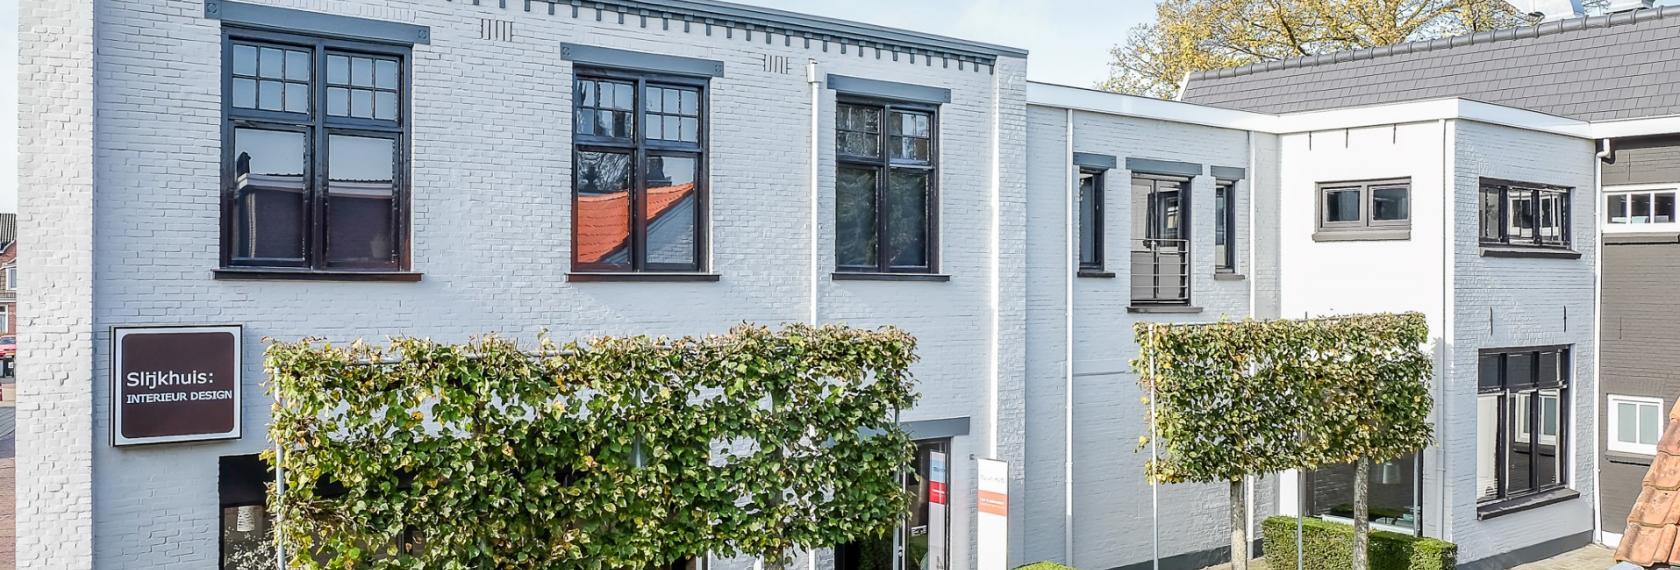 De gebouwen van Het Continent Winterswijk | Het Continent